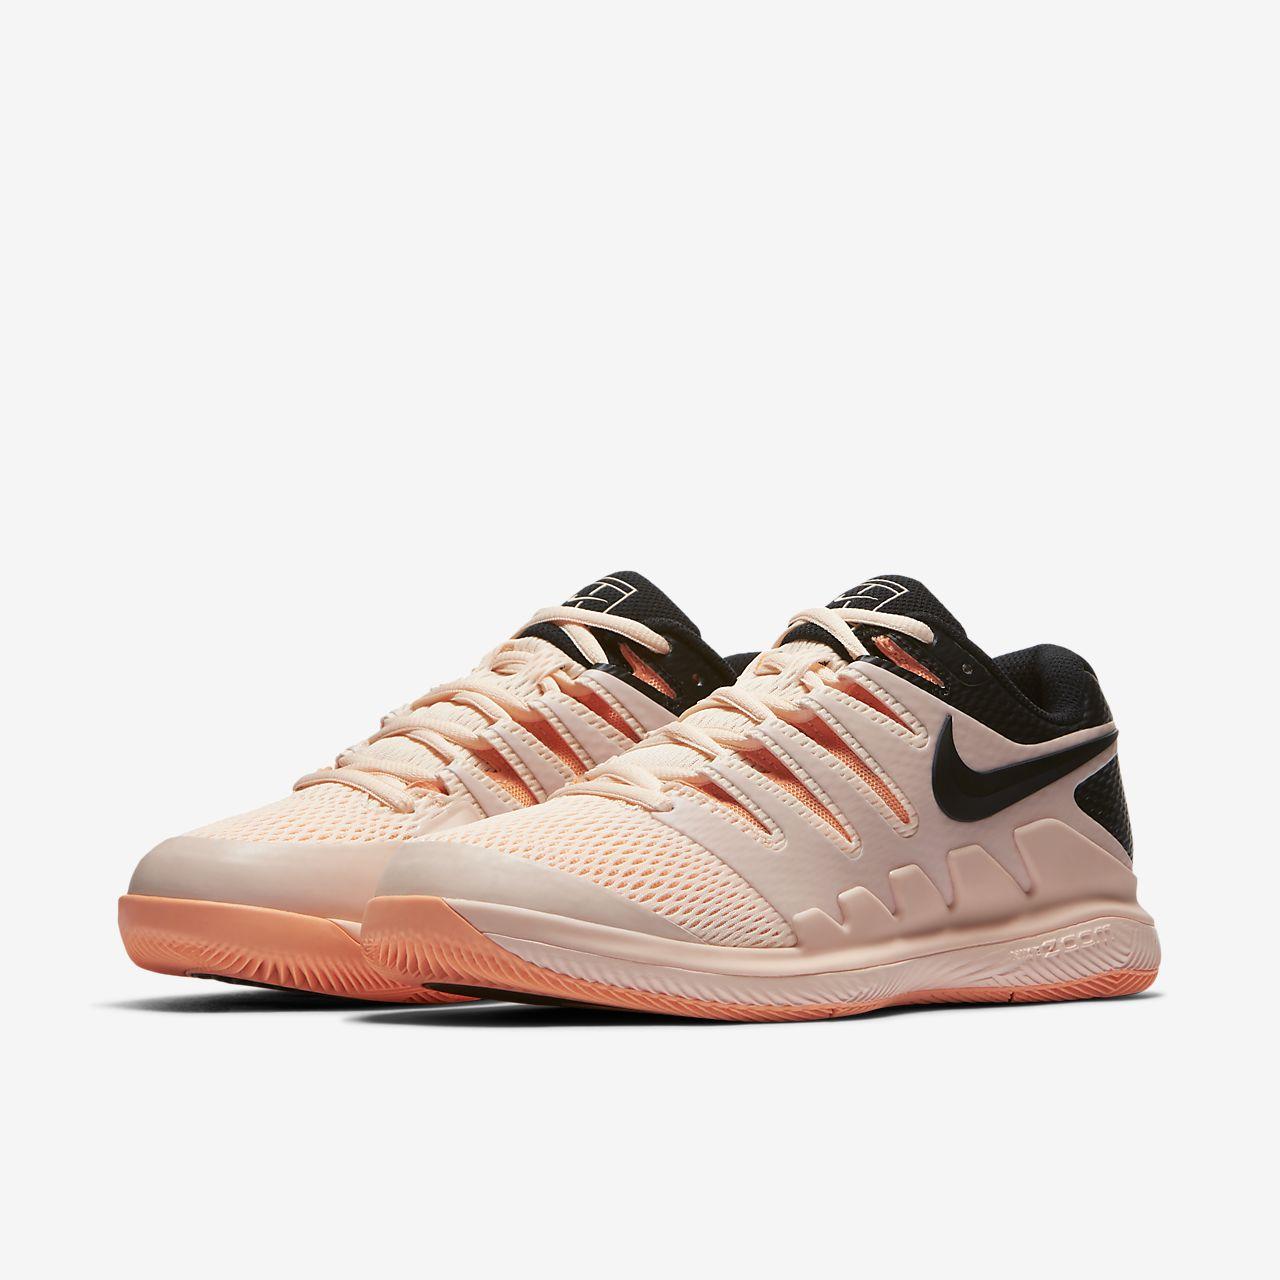 ... Nike Air Zoom Vapor X HC Women's Tennis Shoe